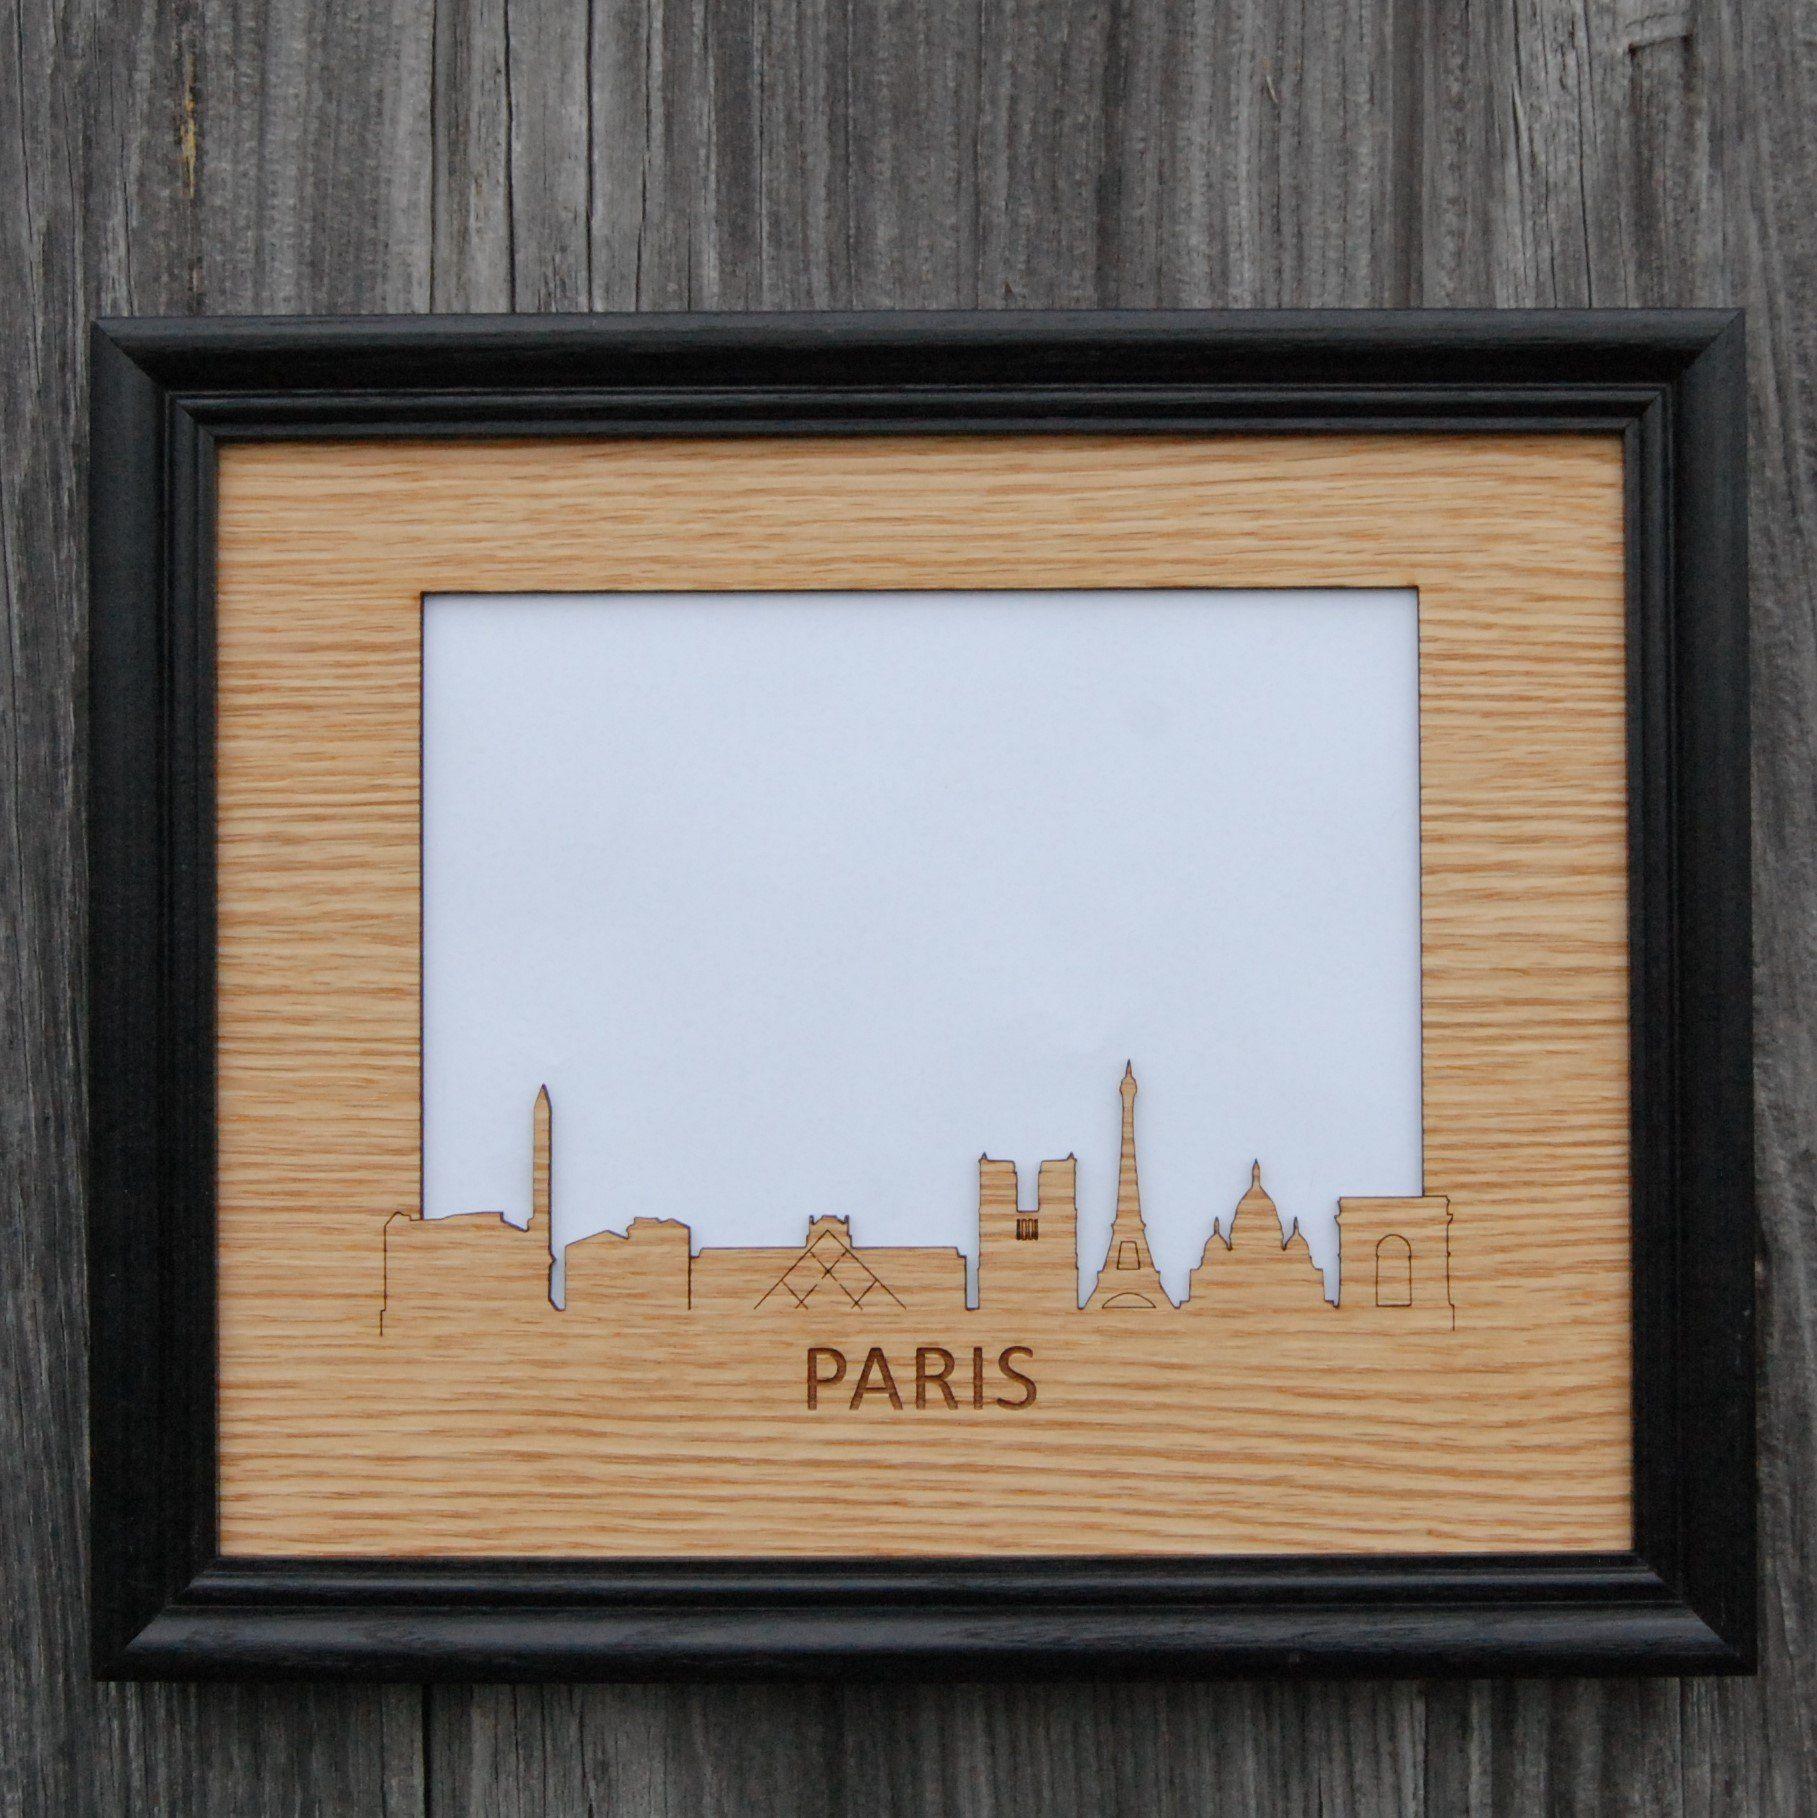 8x10 Paris Picture Frame Paris Pictures Picture Frames Frame